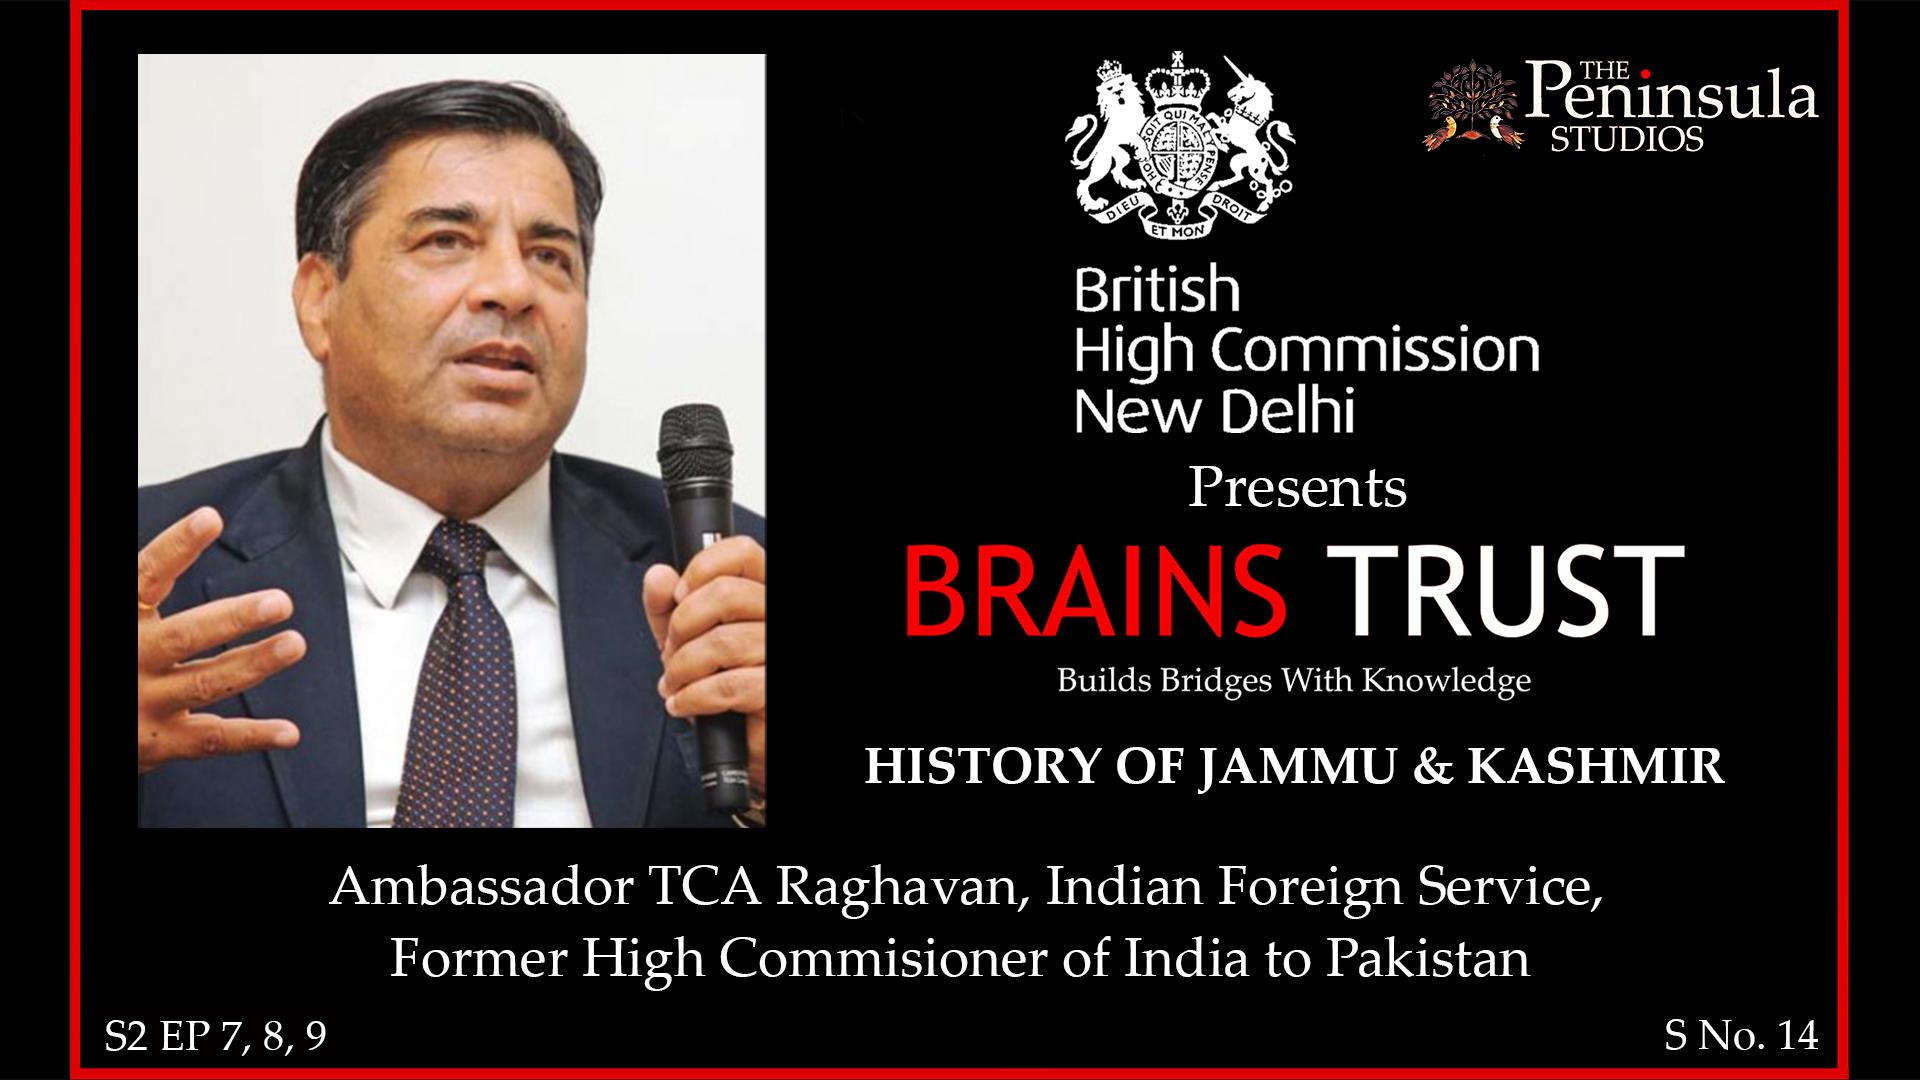 TCA Raghavan